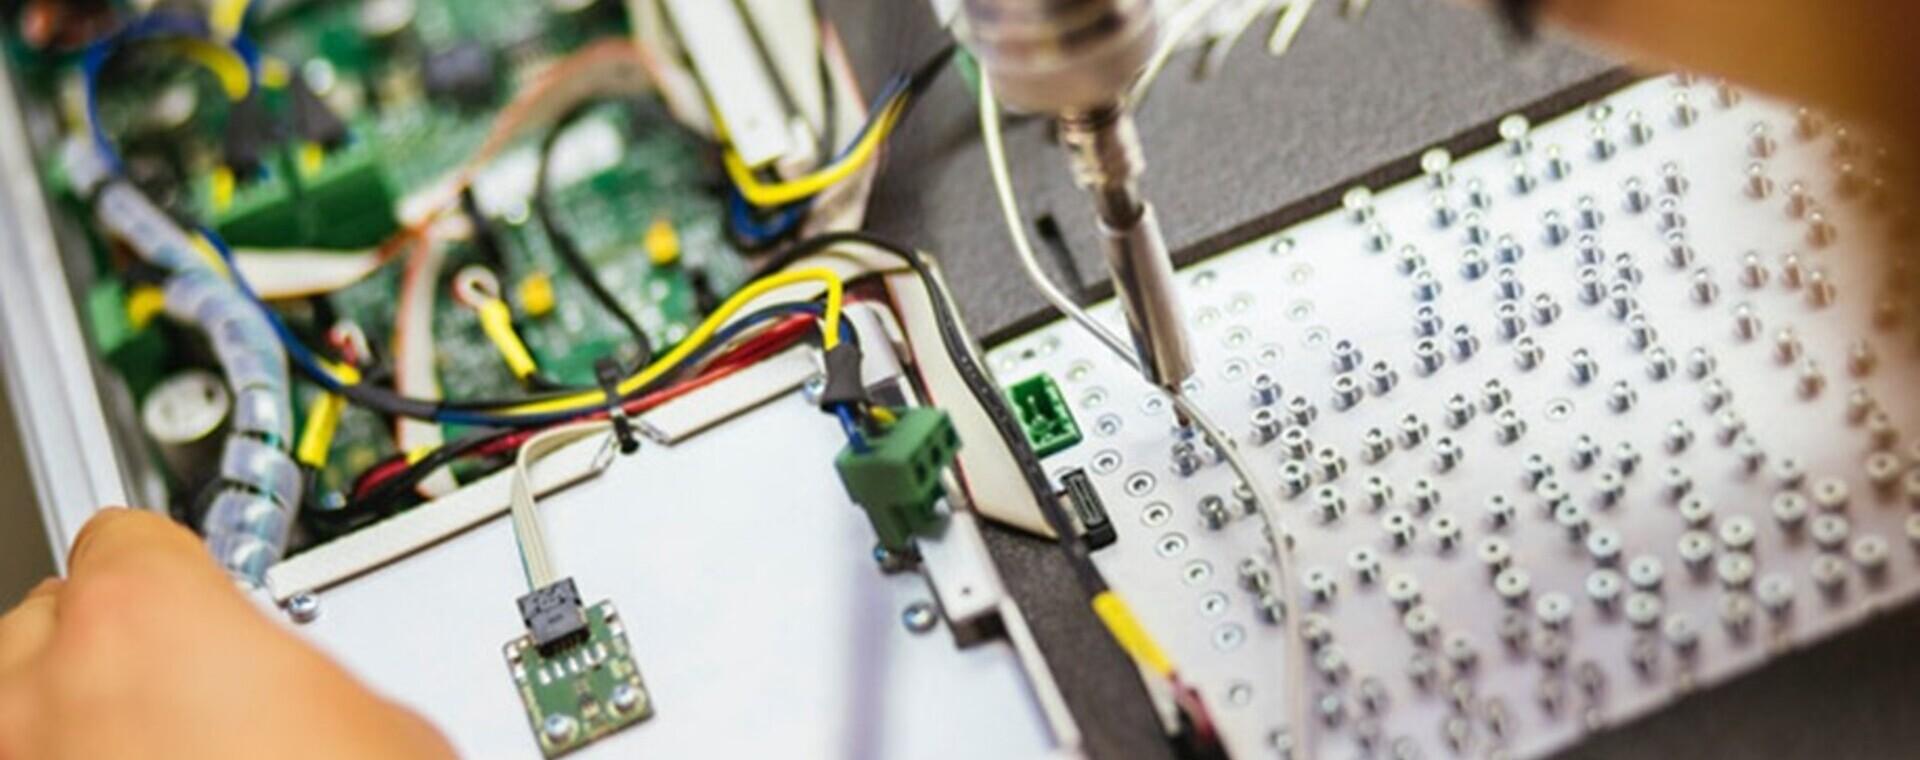 Firmato accordo di collaborazione internazionale tra Elettra e l'azienda slovena Instrumentation Technologies